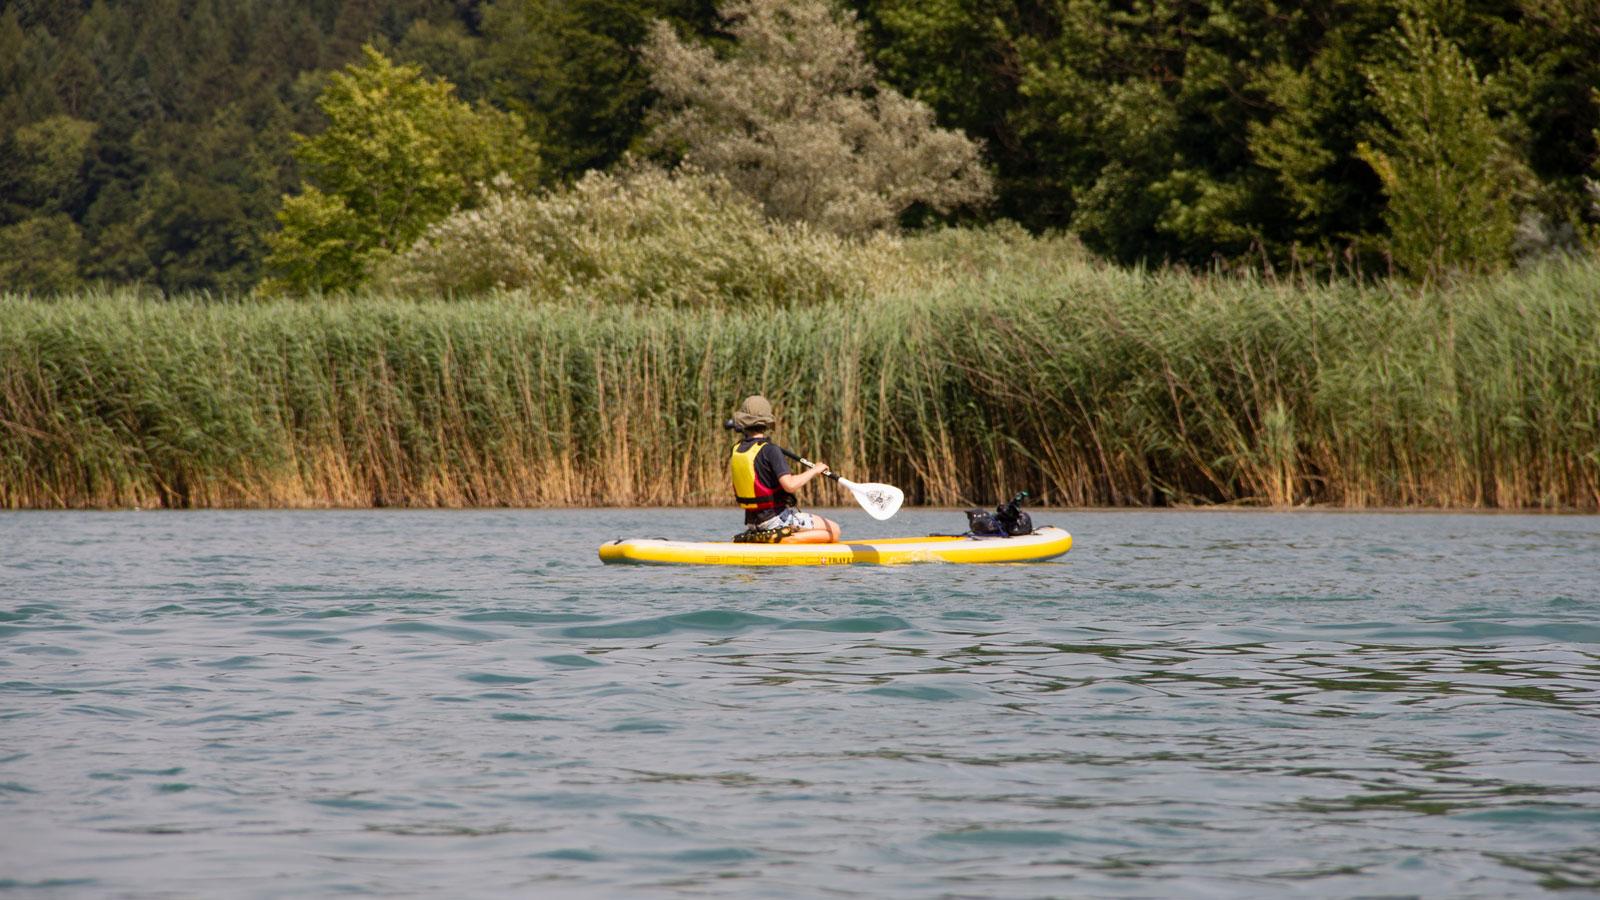 In den Schilfgürteln entlang des Wohlensees nisten unzählige Wasservögel. Um Stress für die Tiere möglichst zu vermeiden, muss ein Abstand von 25 Meter zum Ufer eingehalten werden